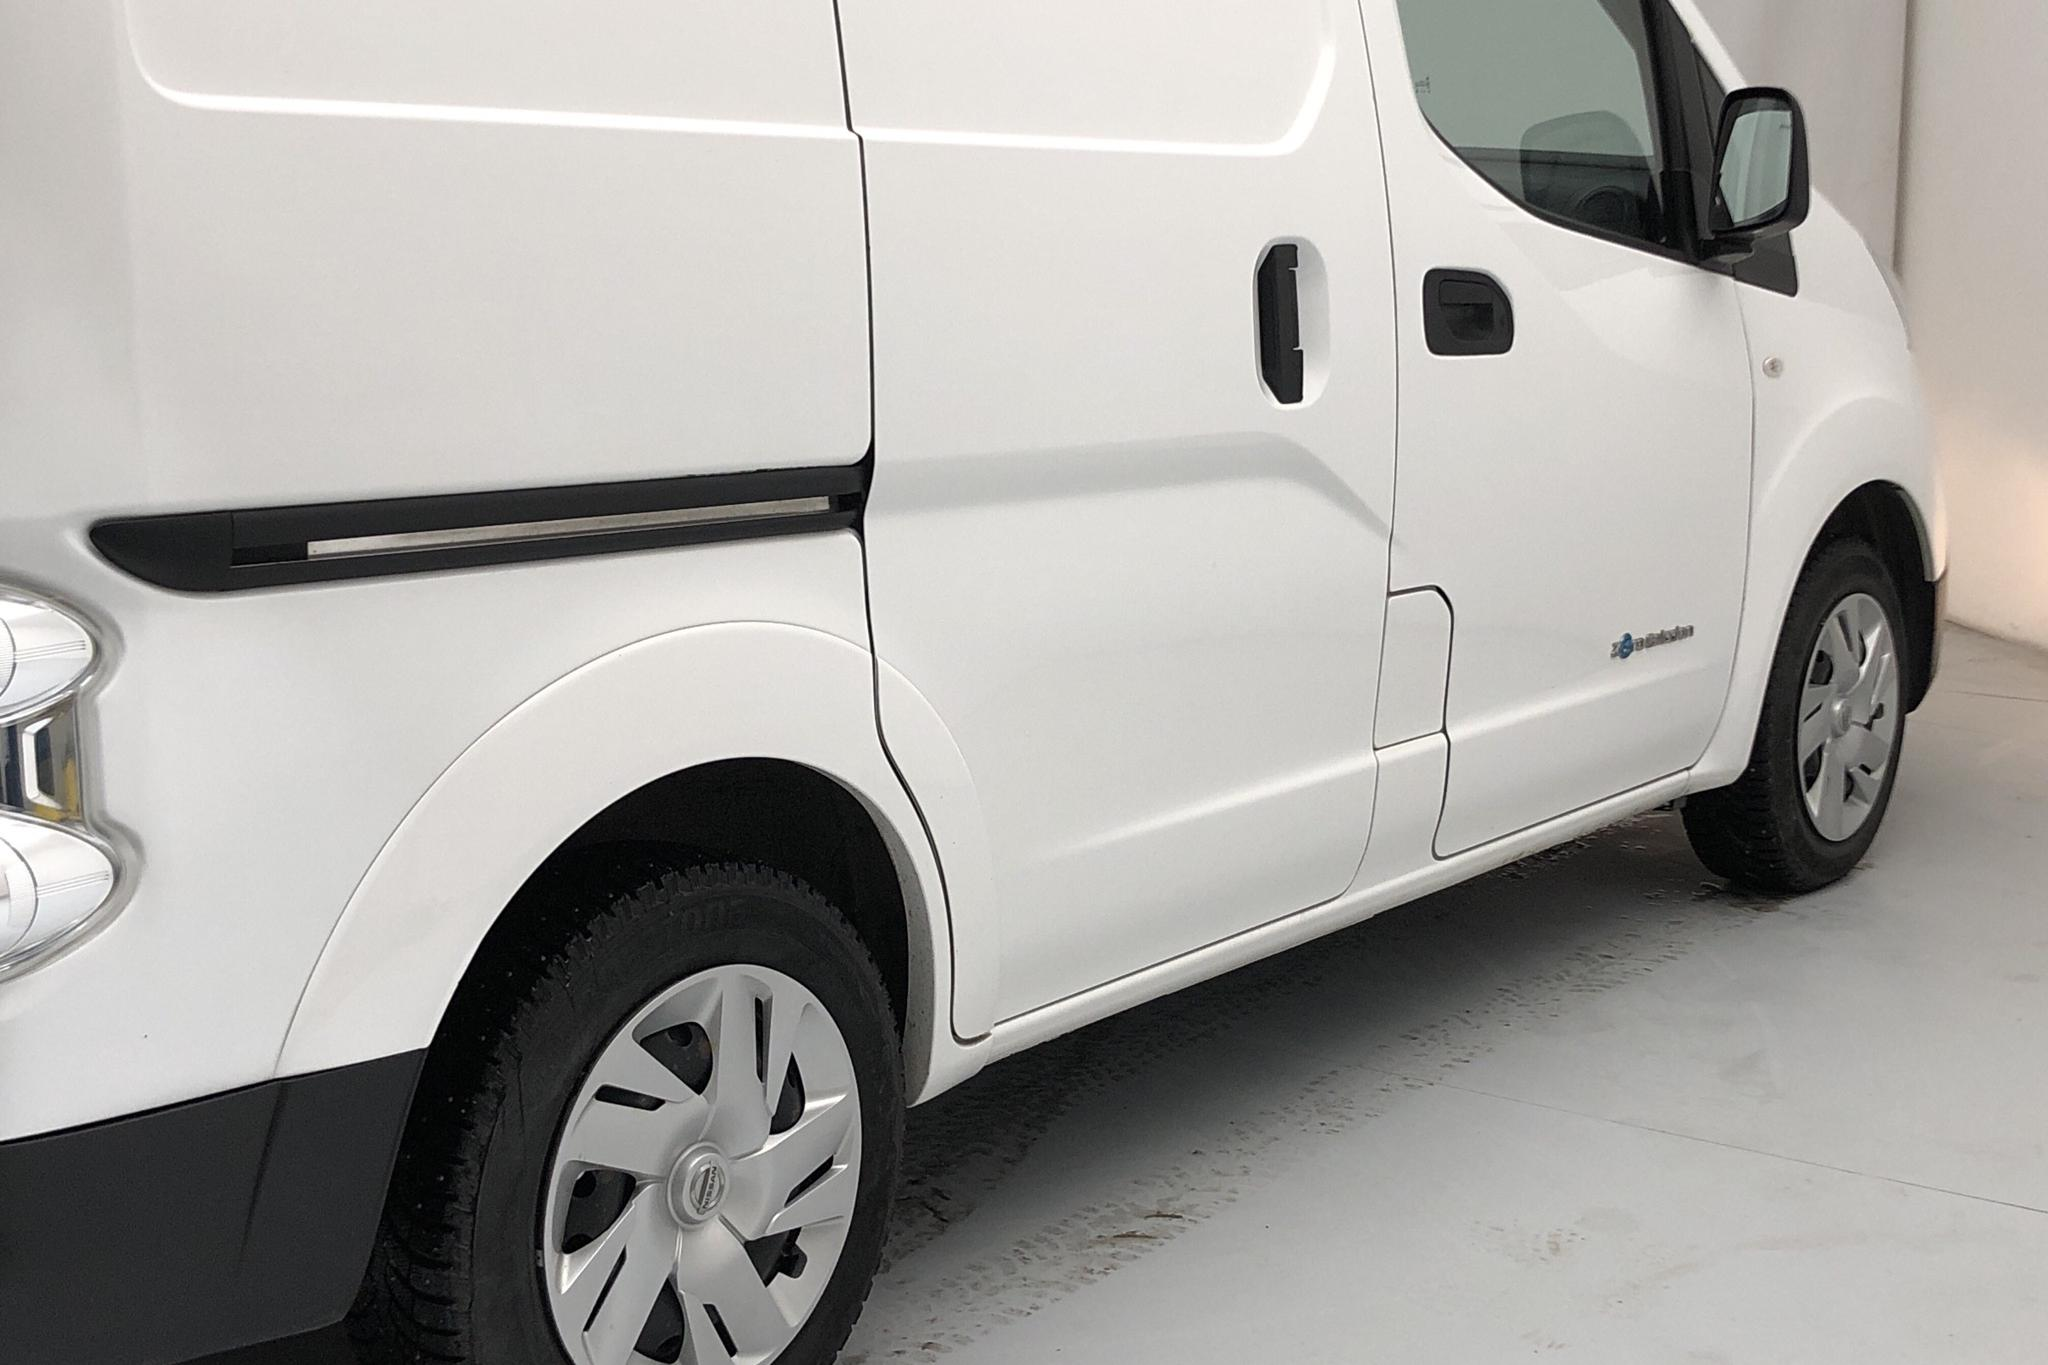 Nissan e-NV200 24,0 kWh (109hk) - 2 020 mil - Automat - vit - 2015